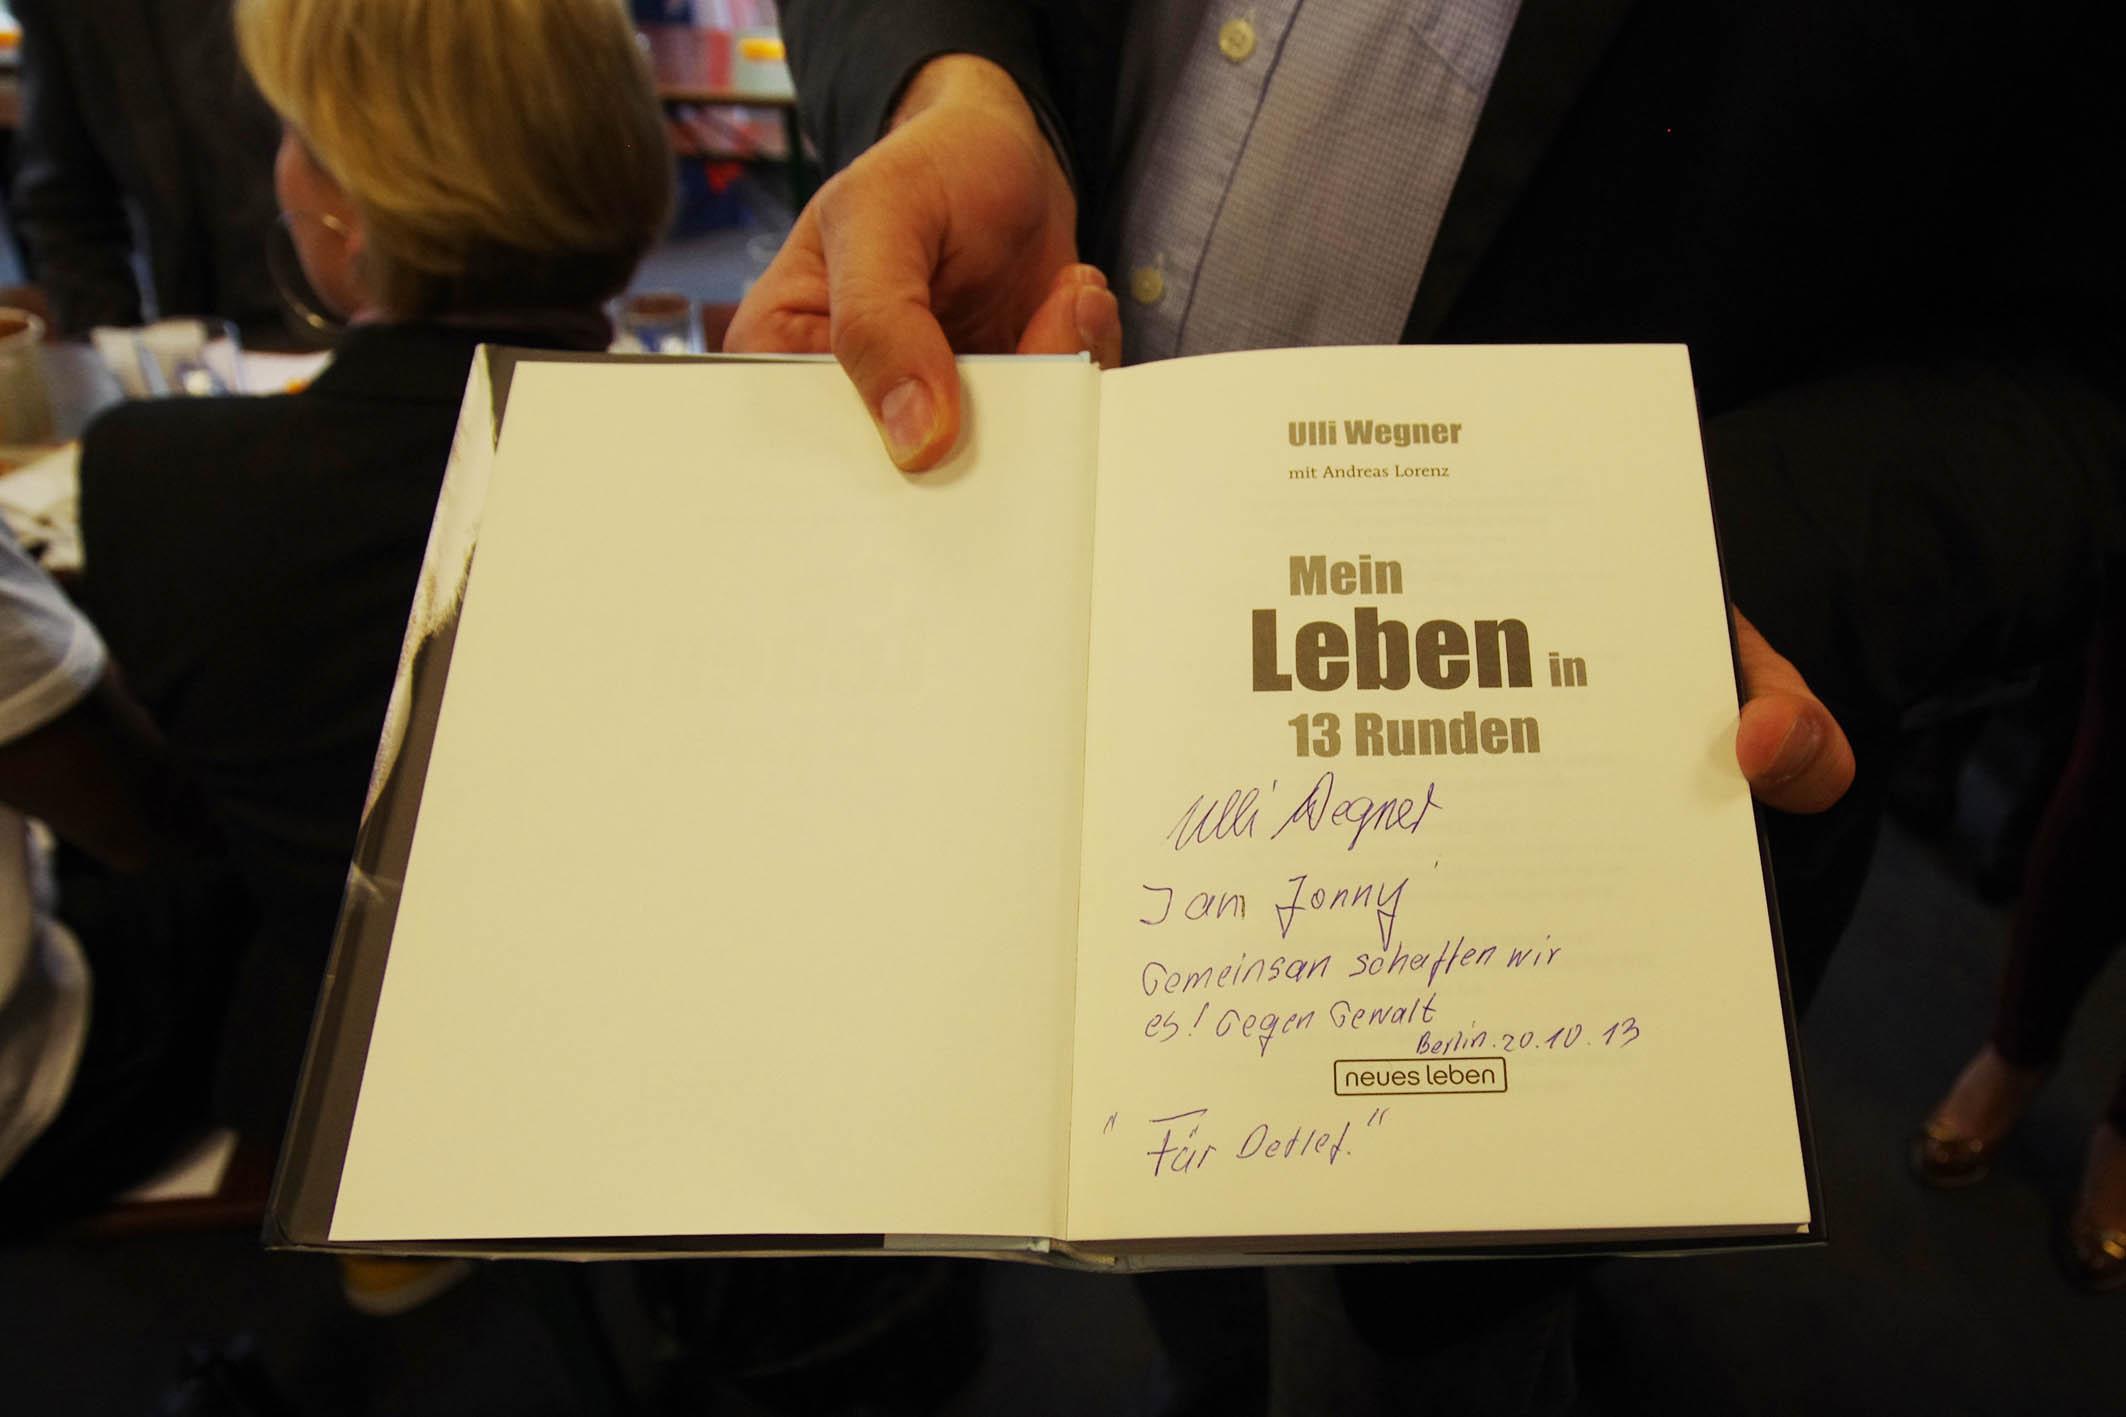 Individuelle Signatur von Ulli Wegner